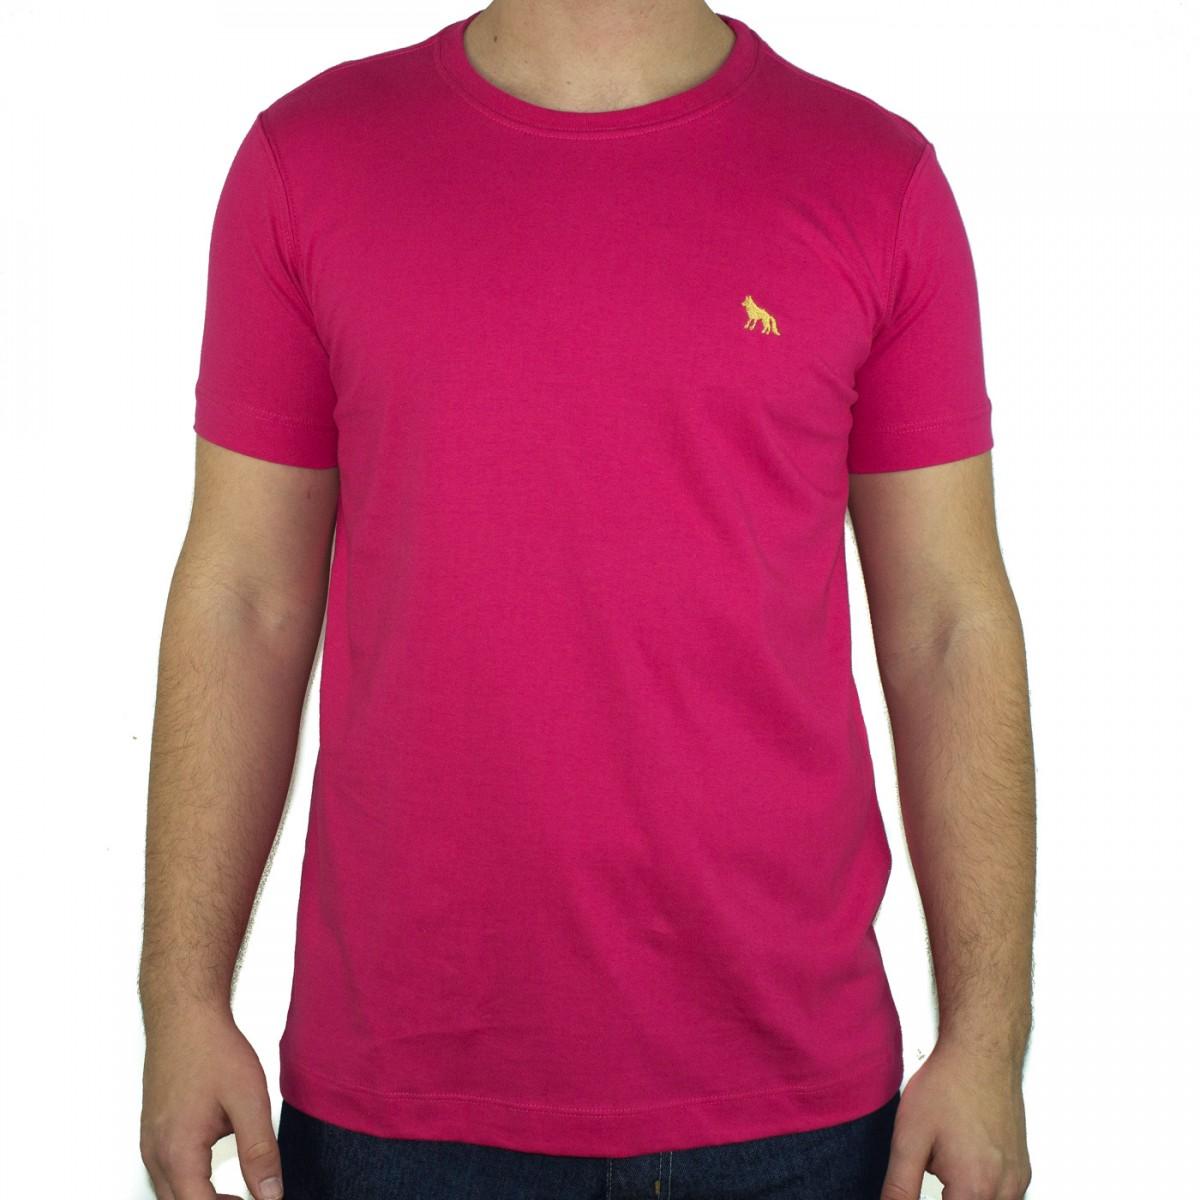 21aa296d15 Bizz Store - Camiseta Masculina Acostamento Gola Redonda Básica